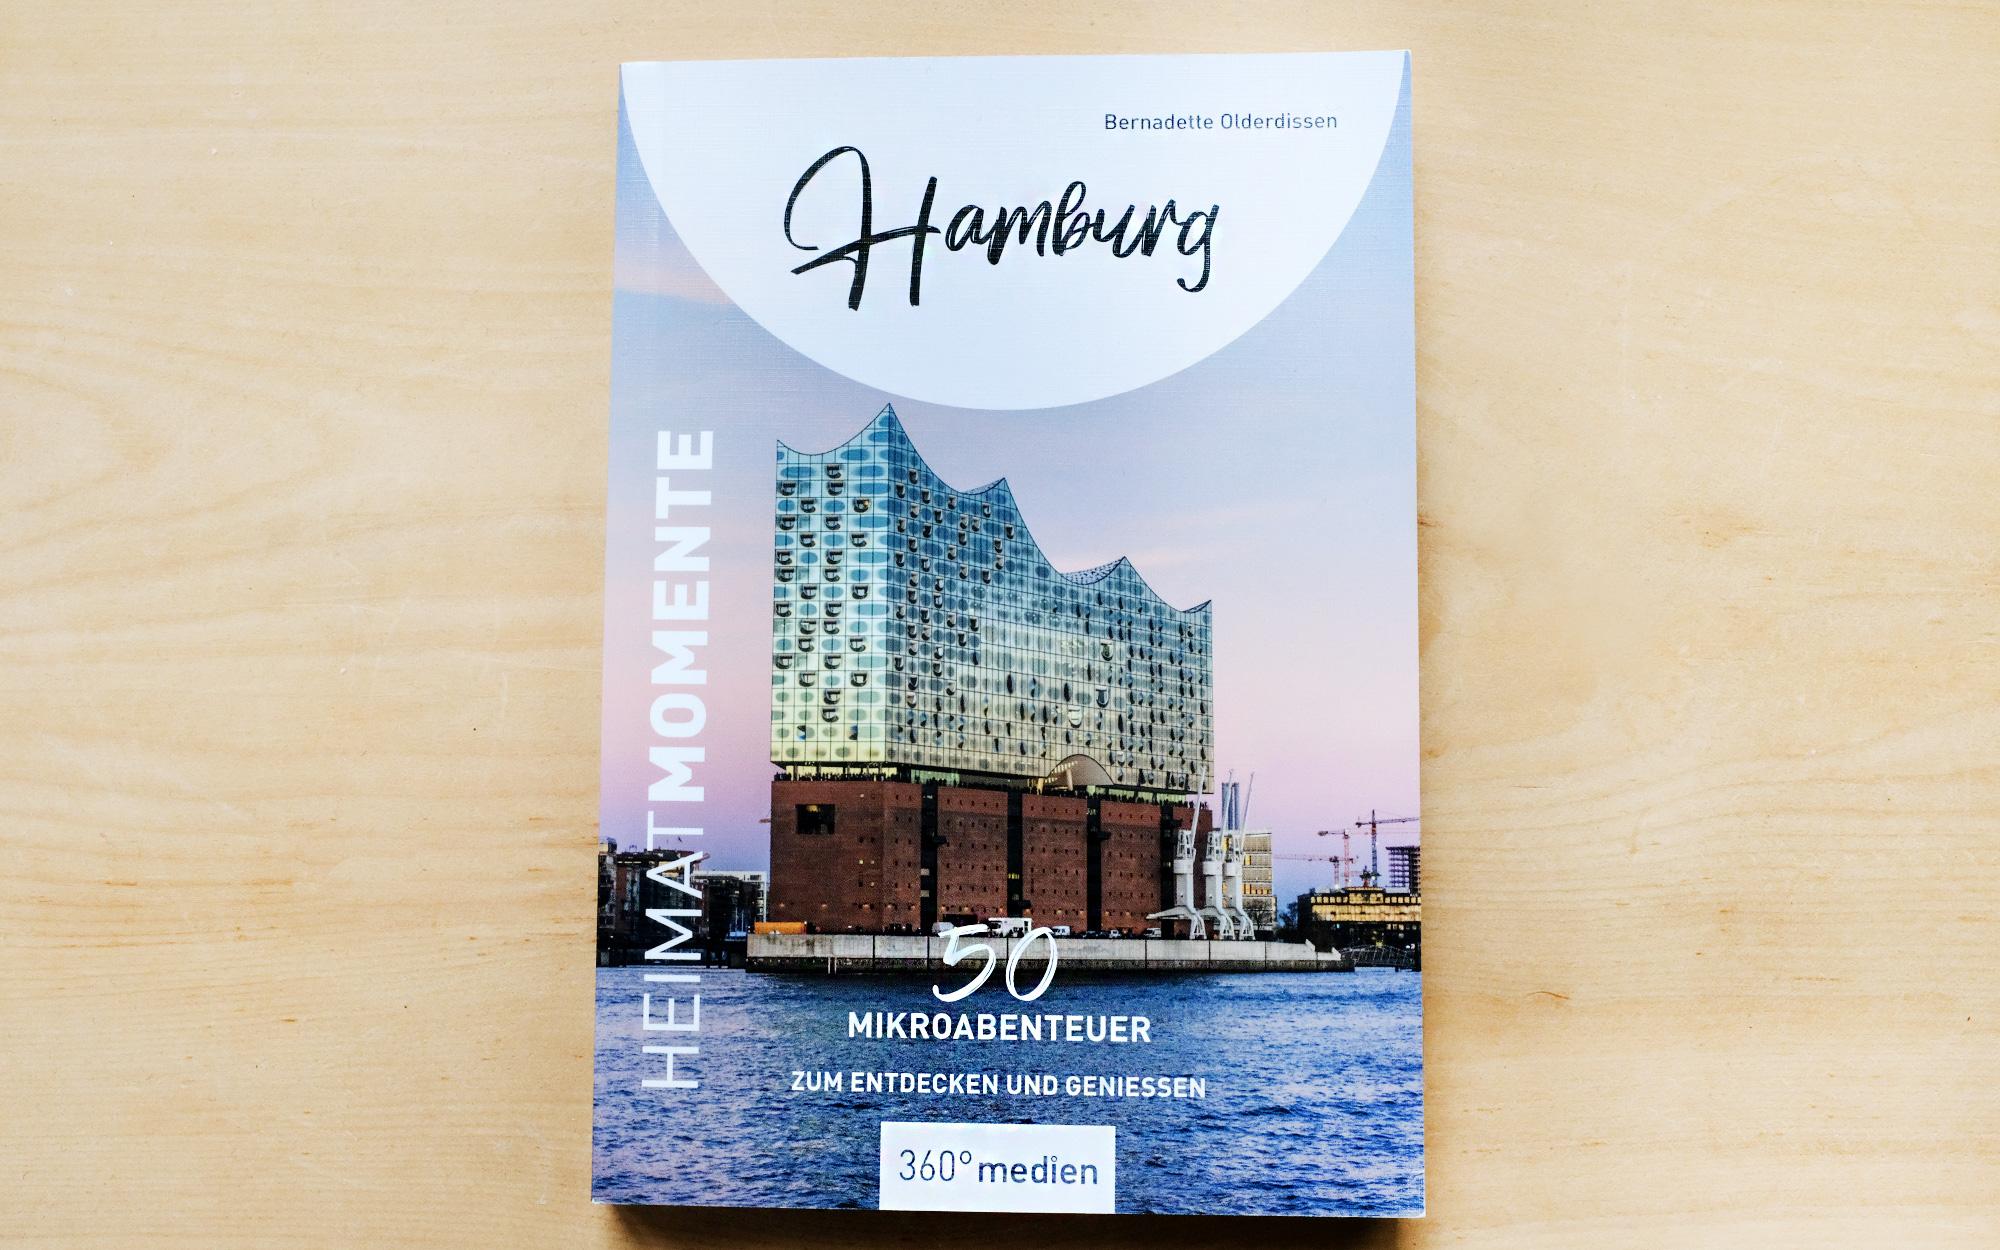 50 Mikroabenteuer in Hamburg – Von Bernadette Olderdissen